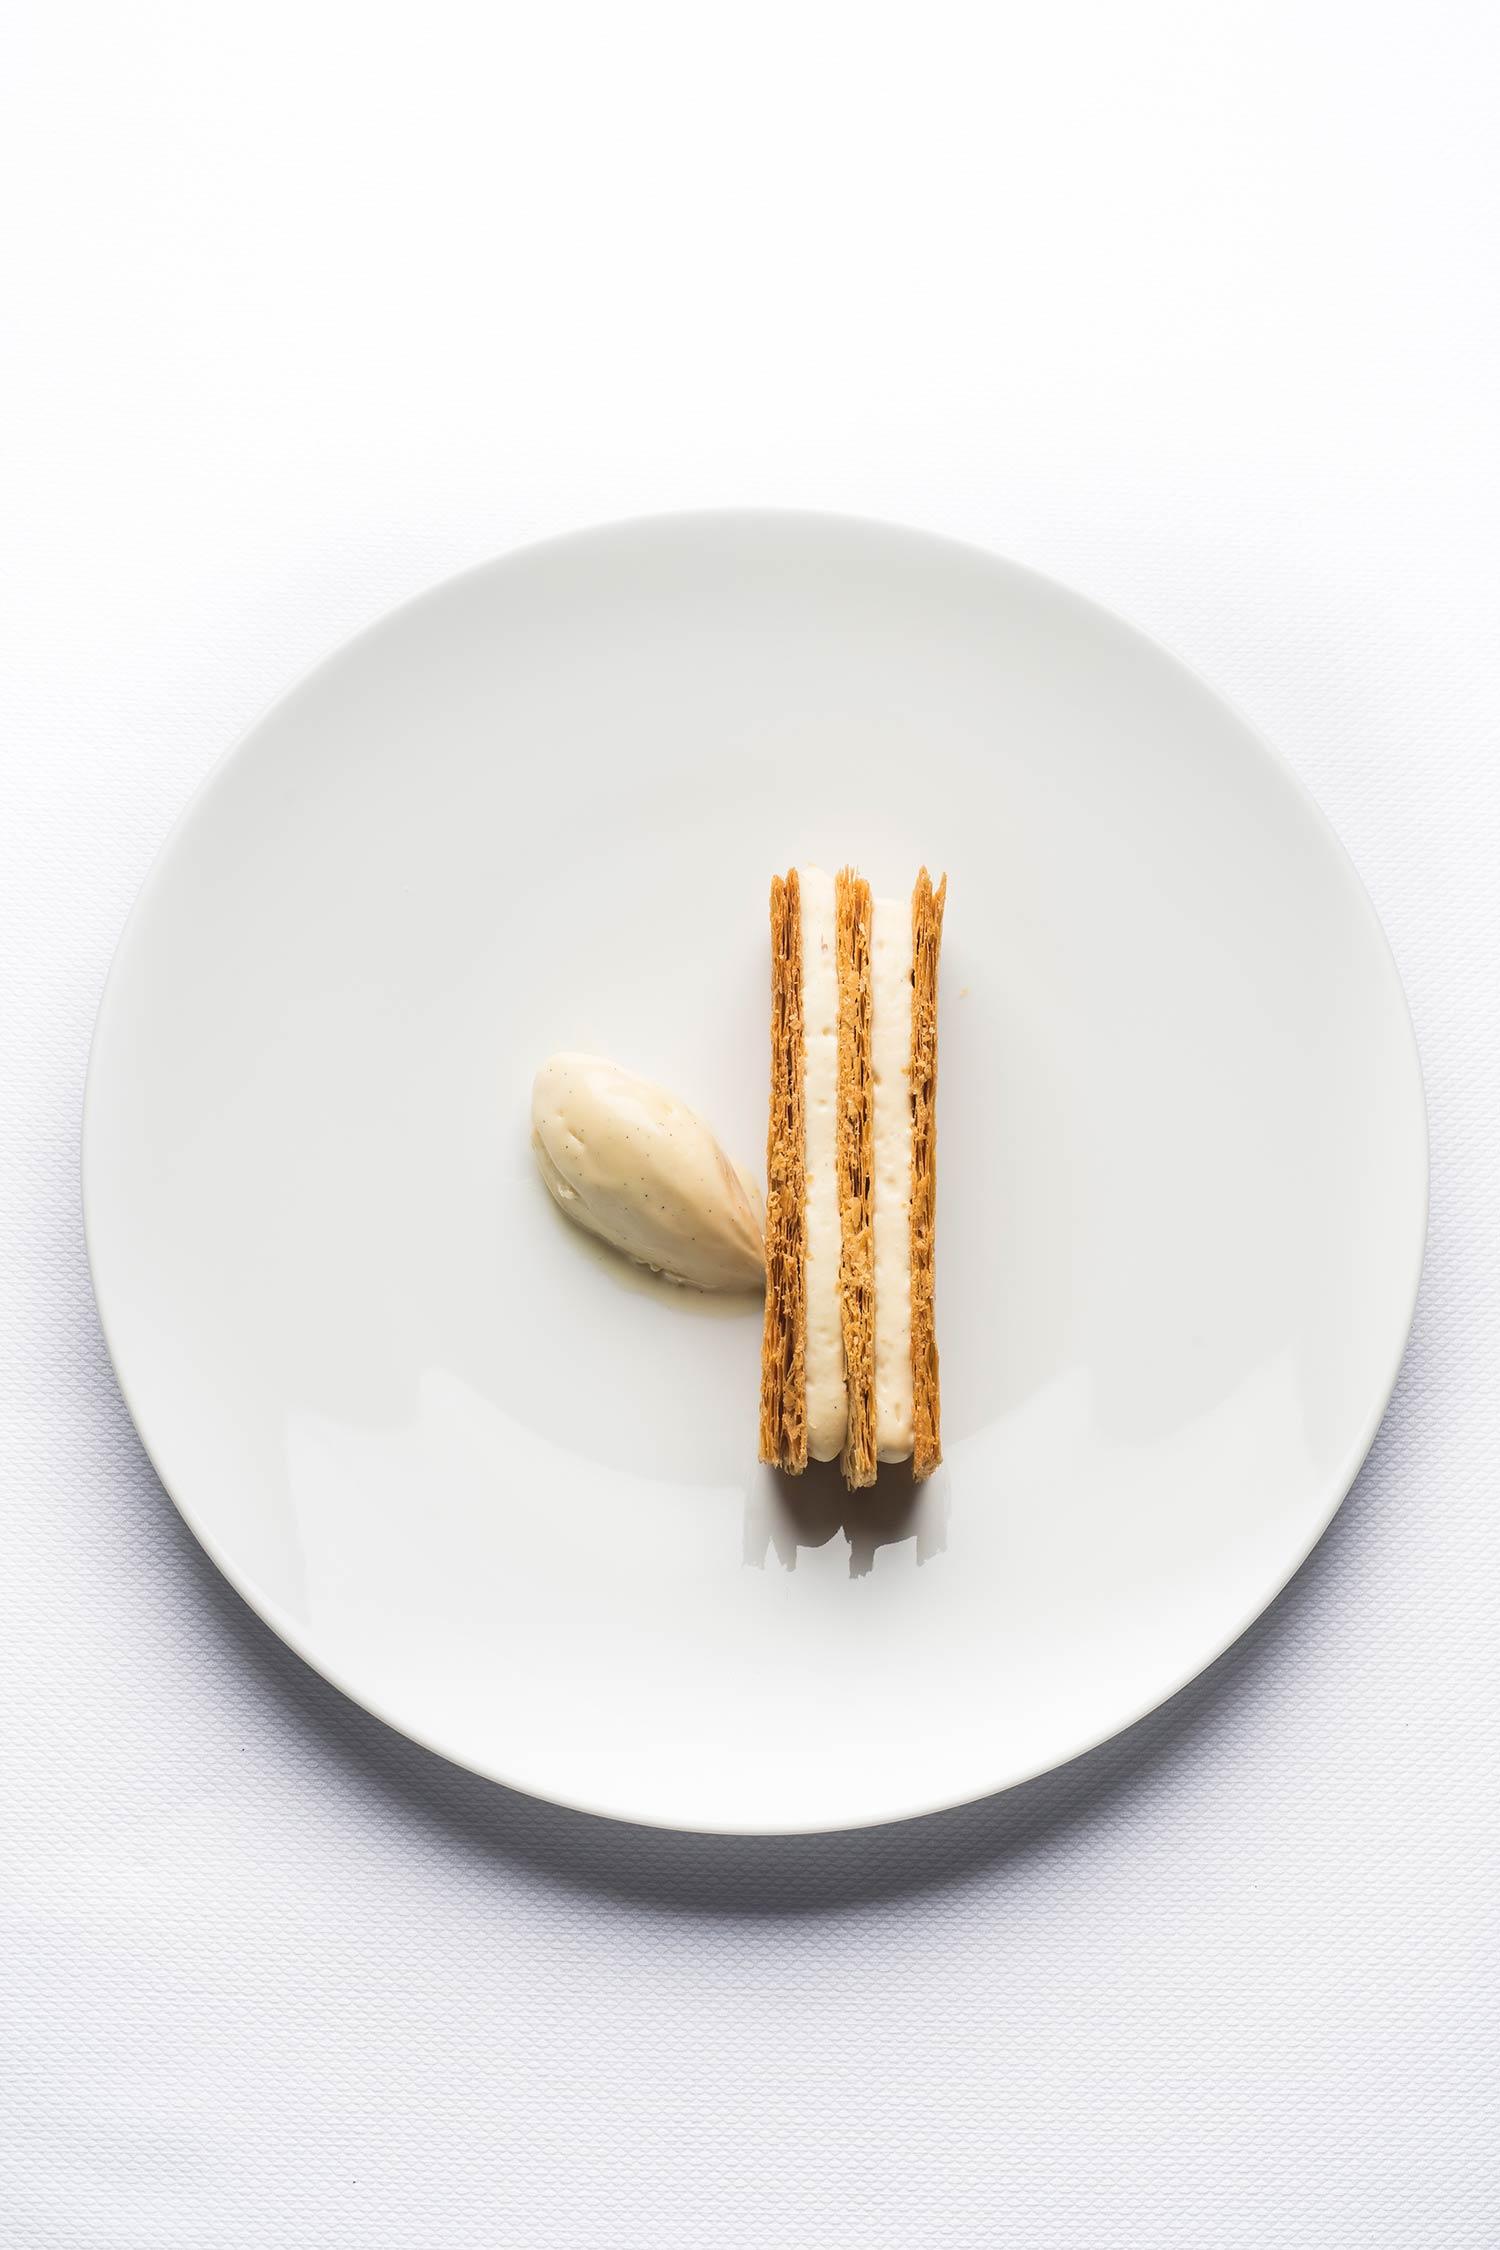 Millefeuille à la vanille - Restaurant le Grand Saint-Michel